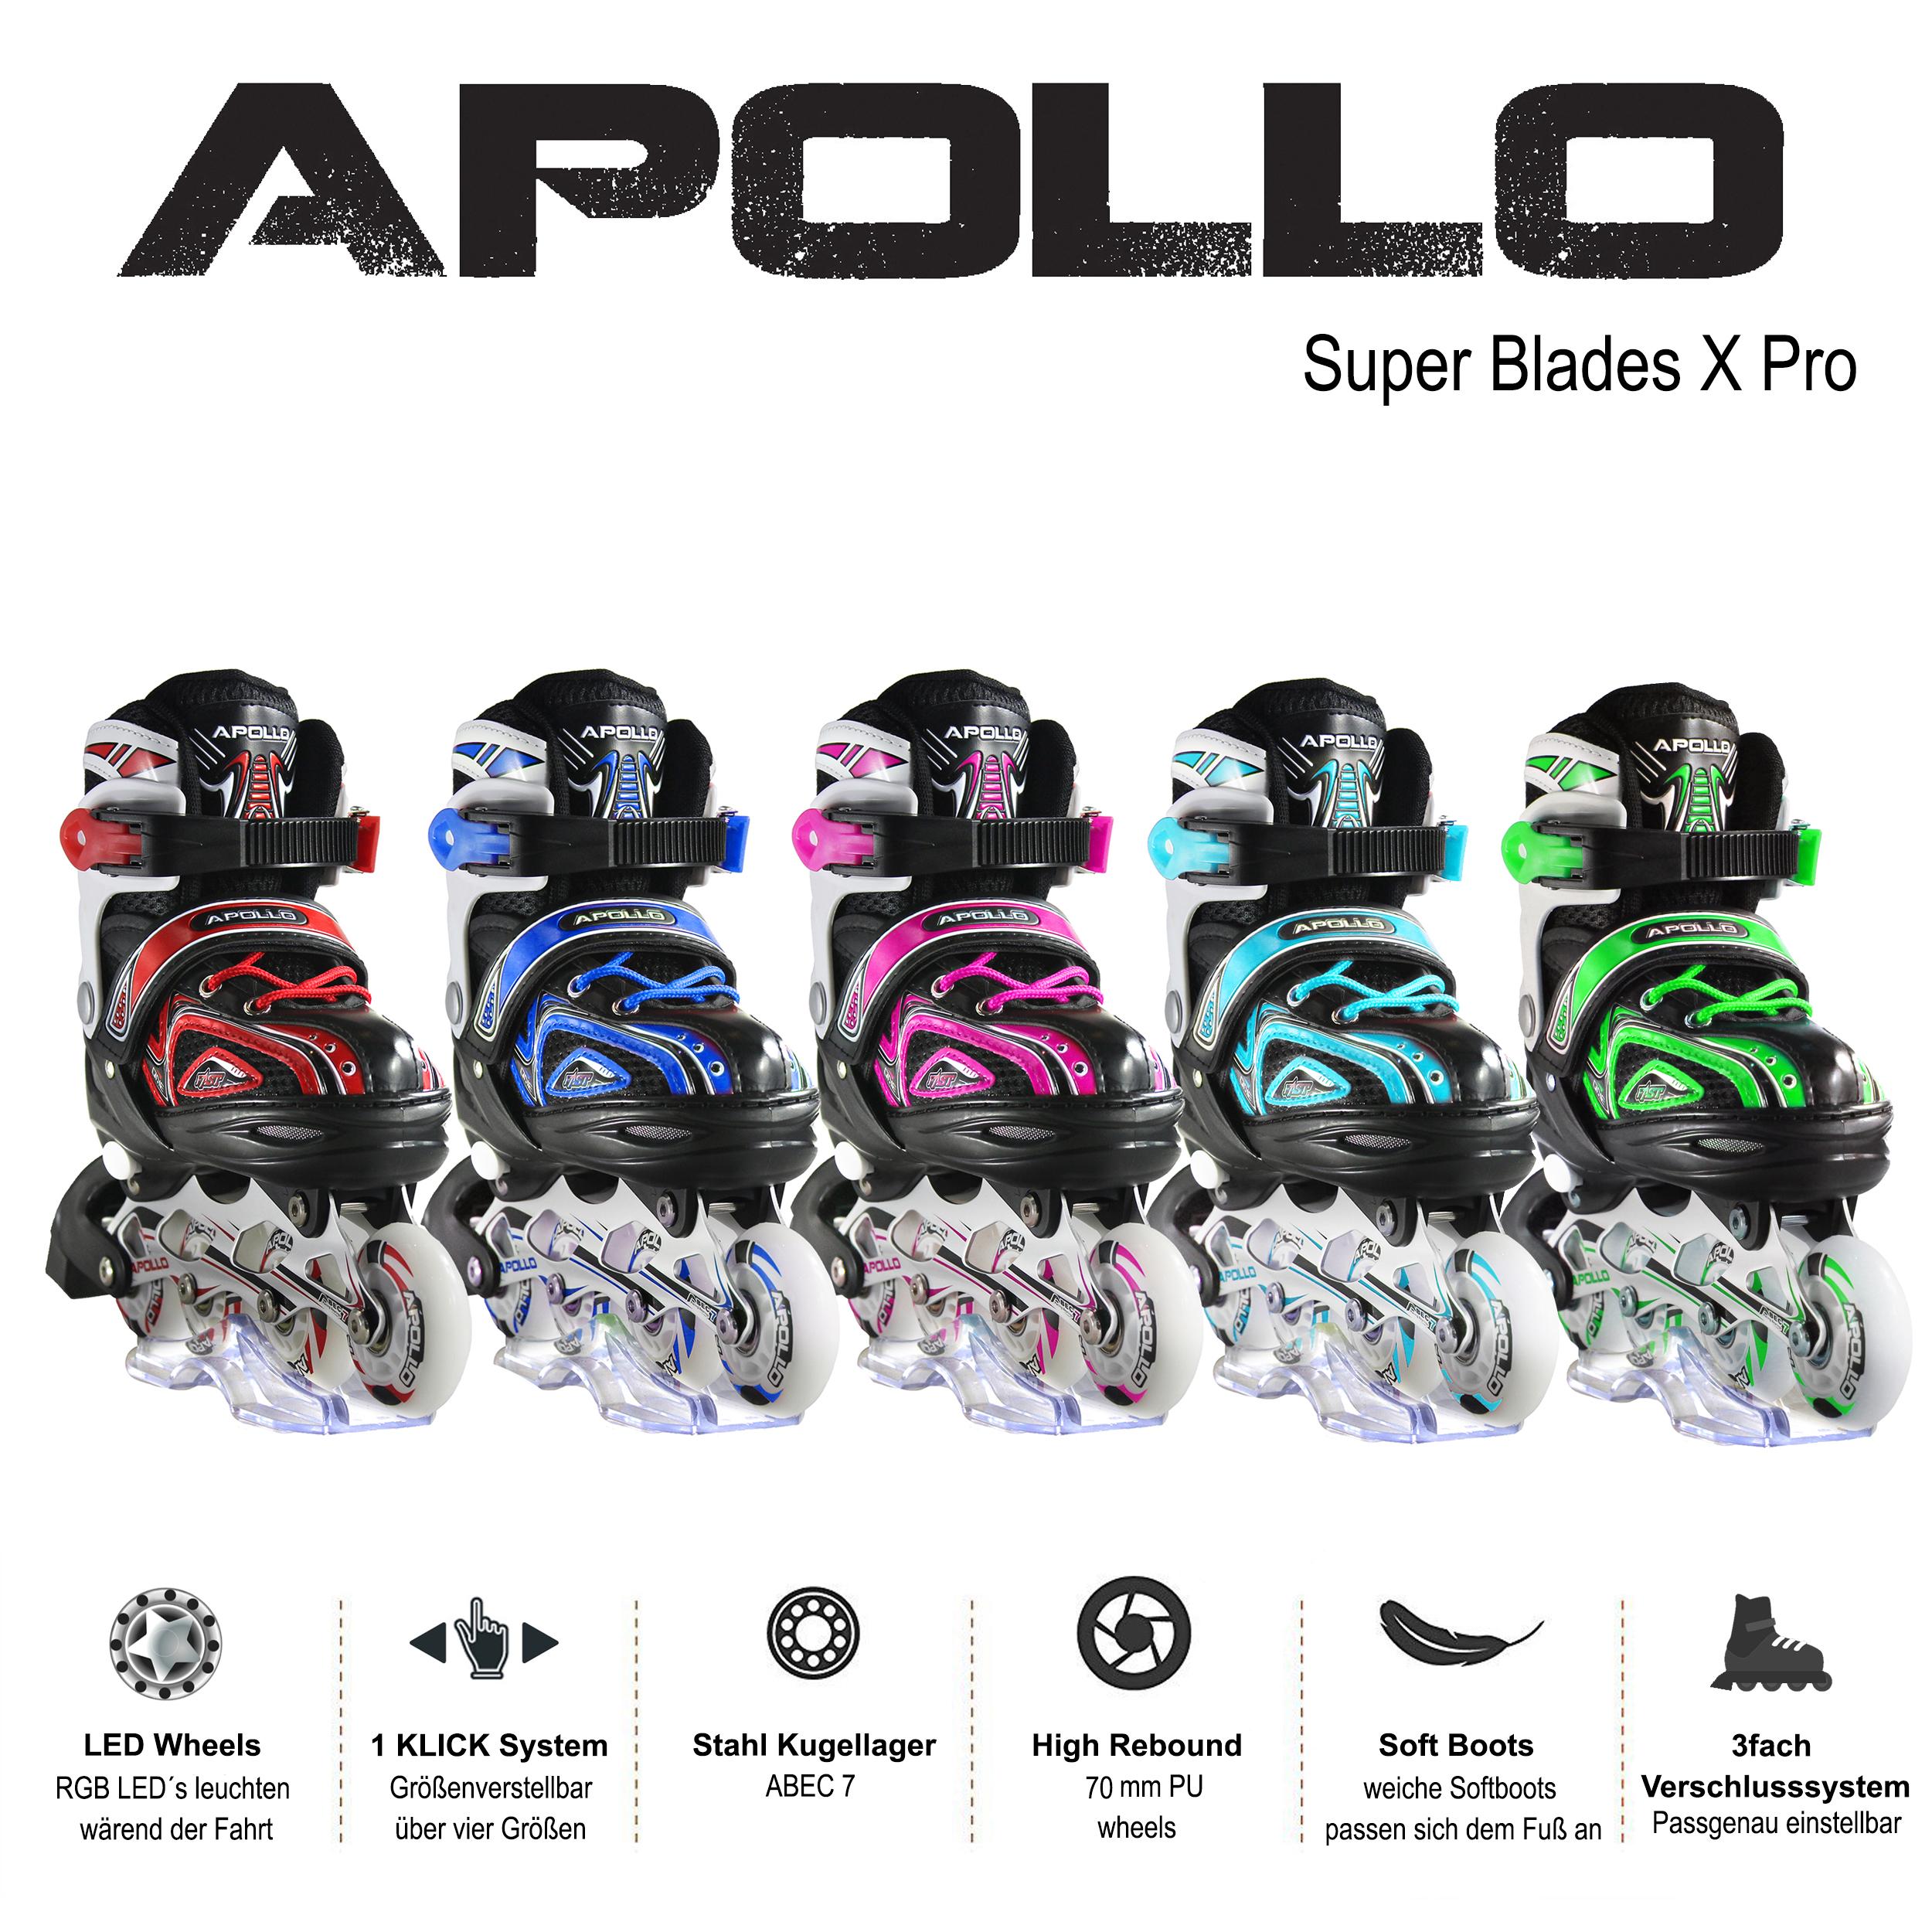 35-38 verstellbar Kinder Inliner Inlineskates Rollschuhe mit LED ABEC-7 Größe Inline-Skates